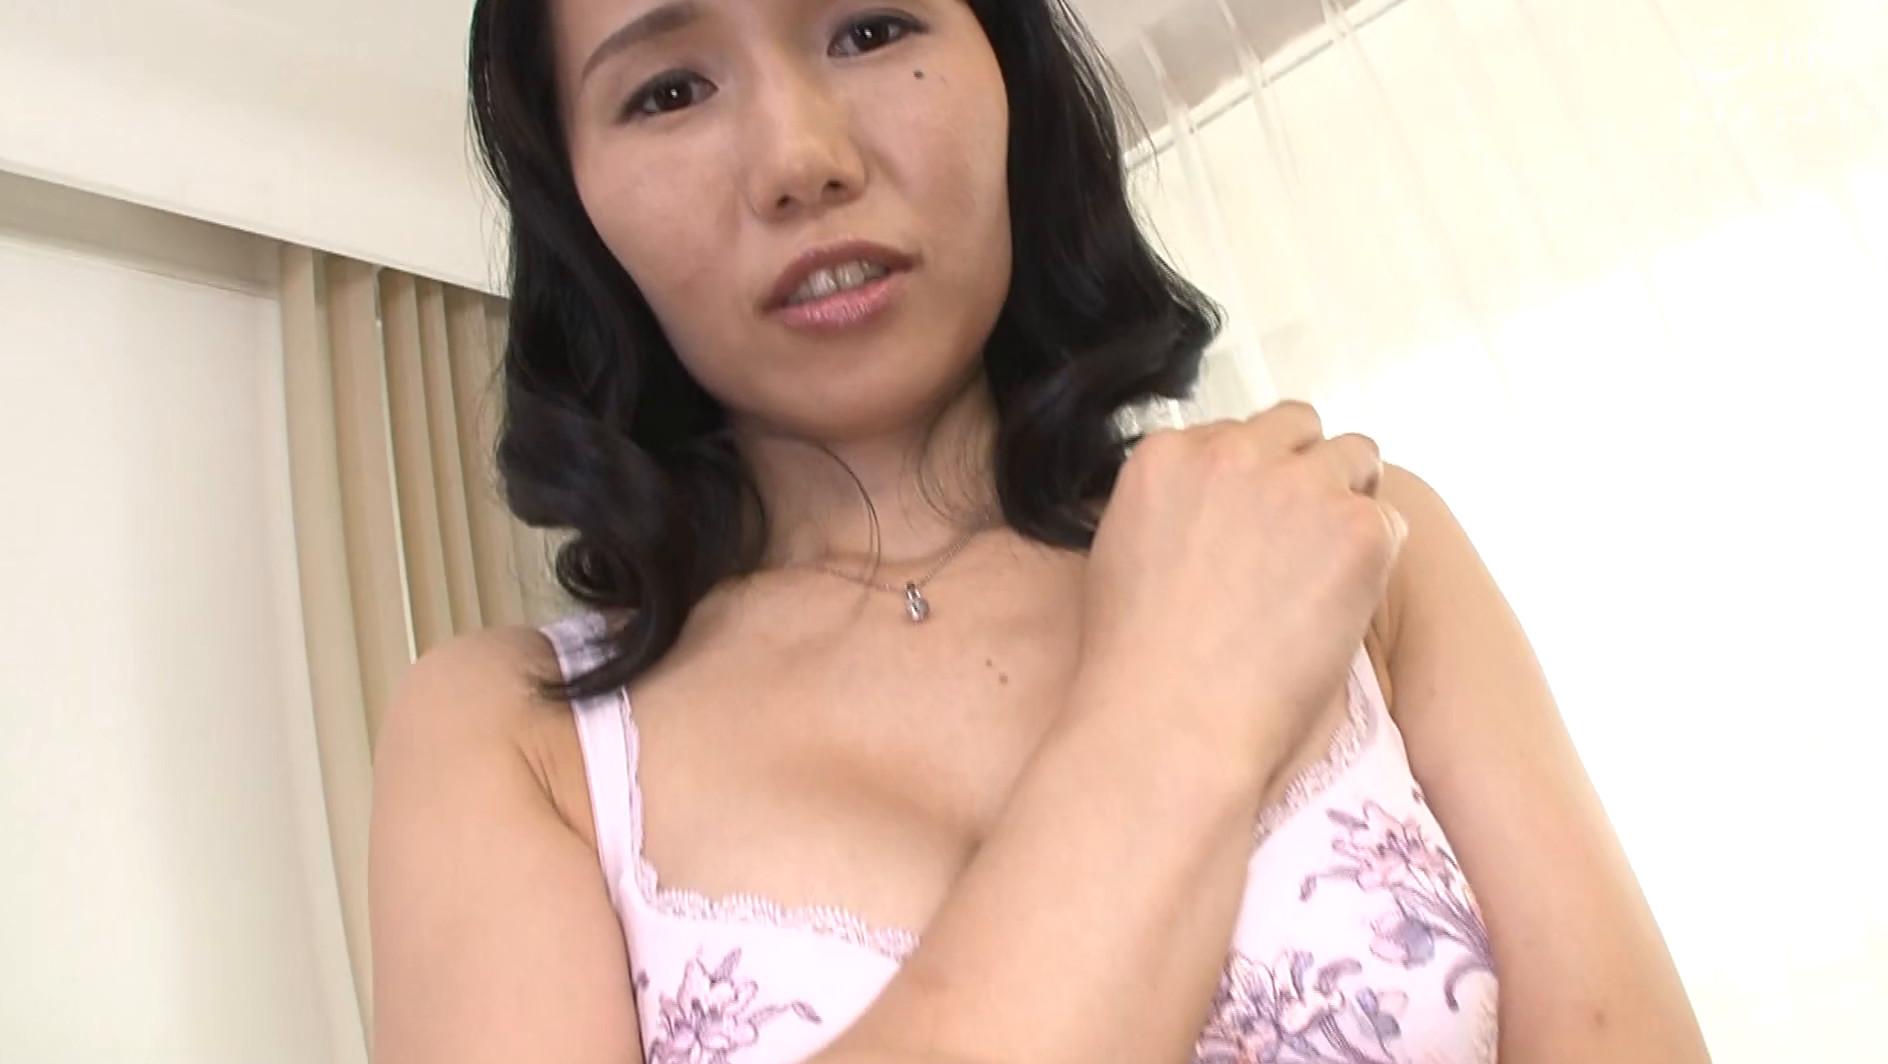 【四十路】かほる 43歳(初脱ぎ・静岡県在住・銀行員) 画像1